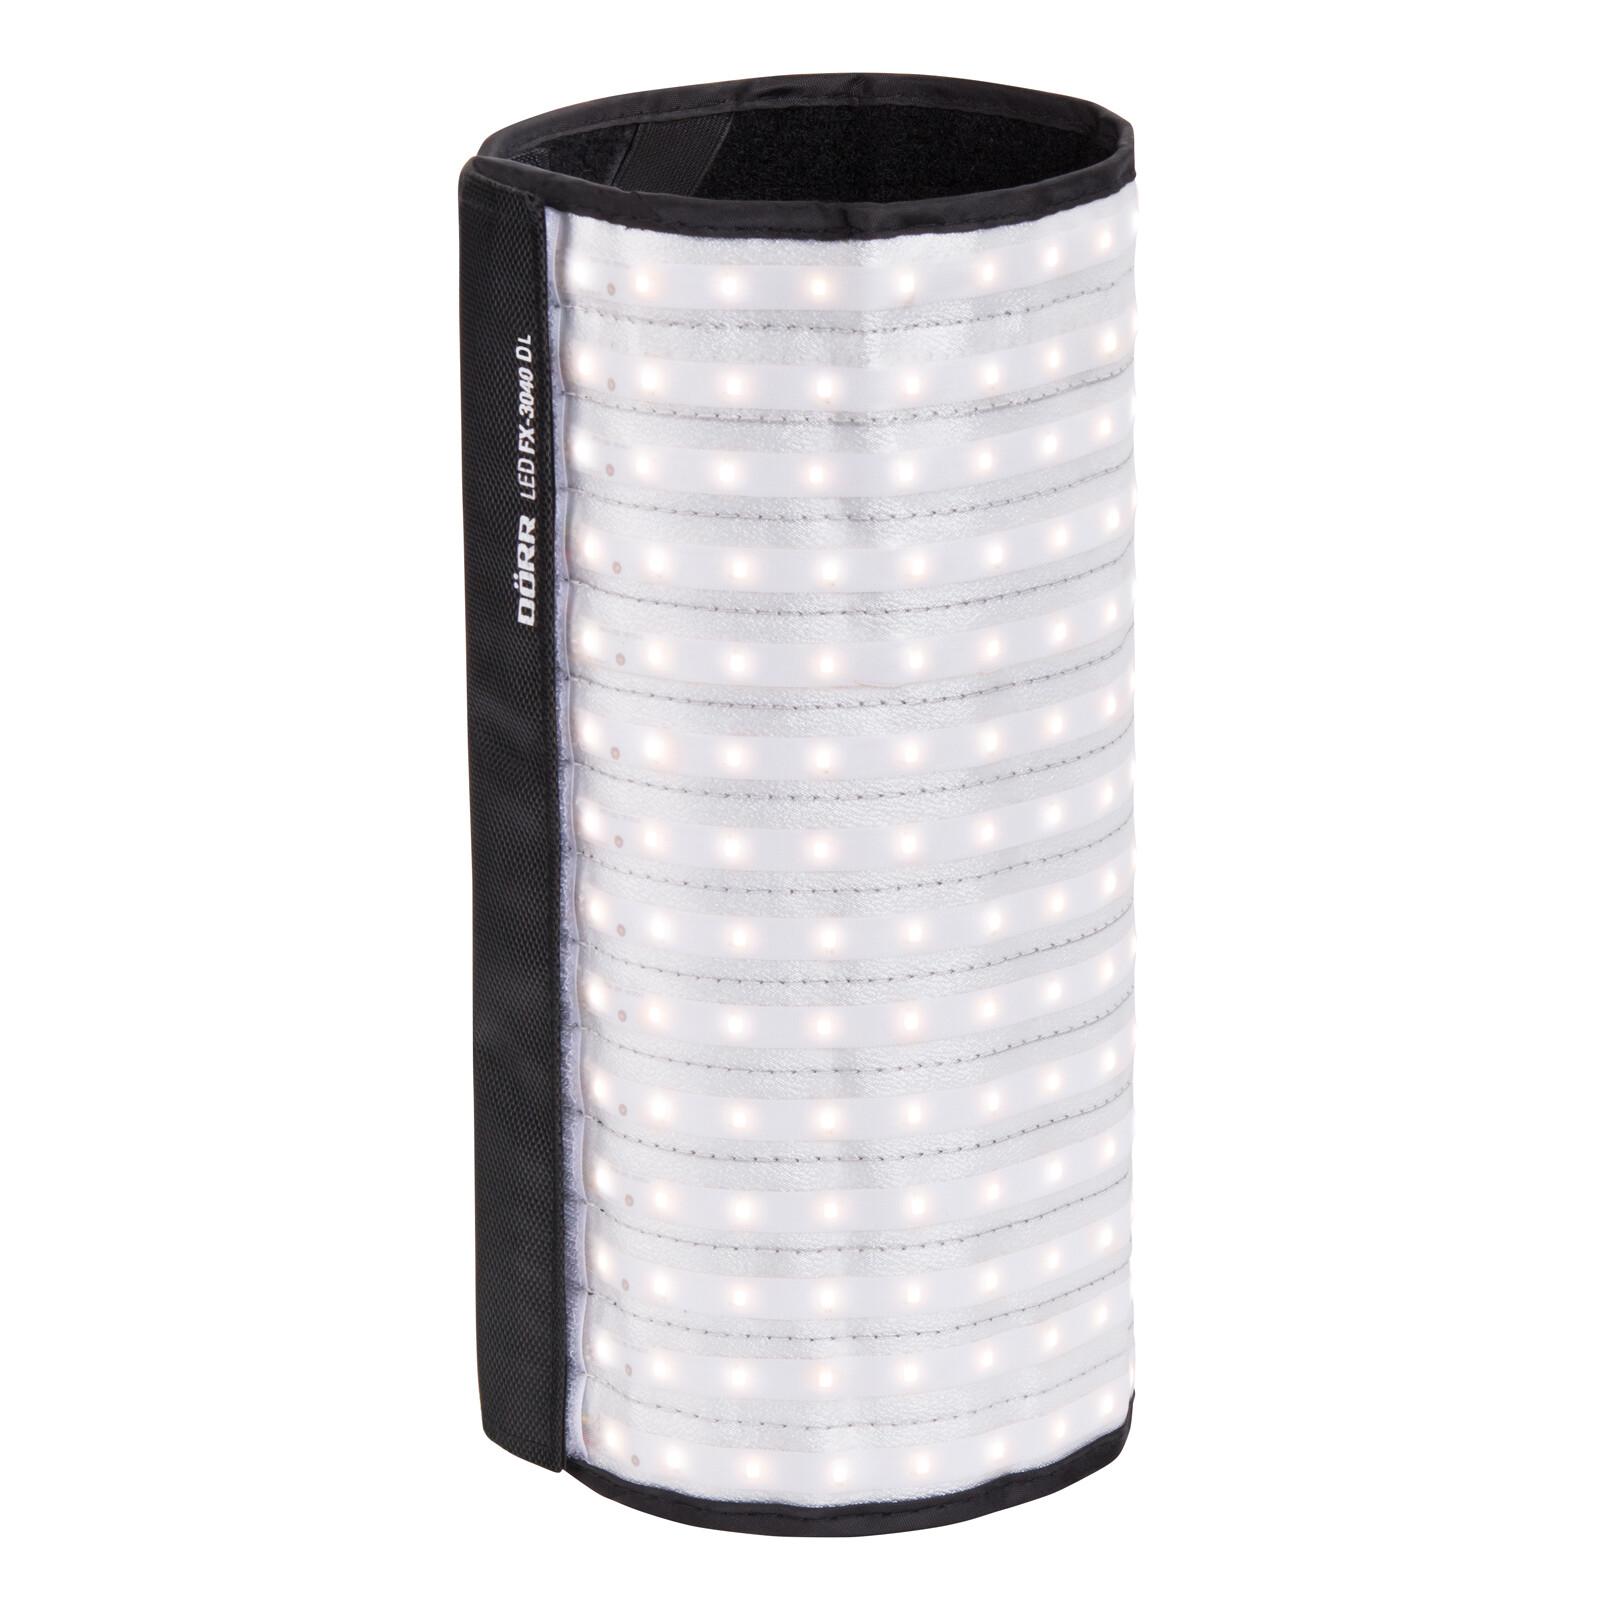 Dörr FX-3040 DL LED Flex Panel